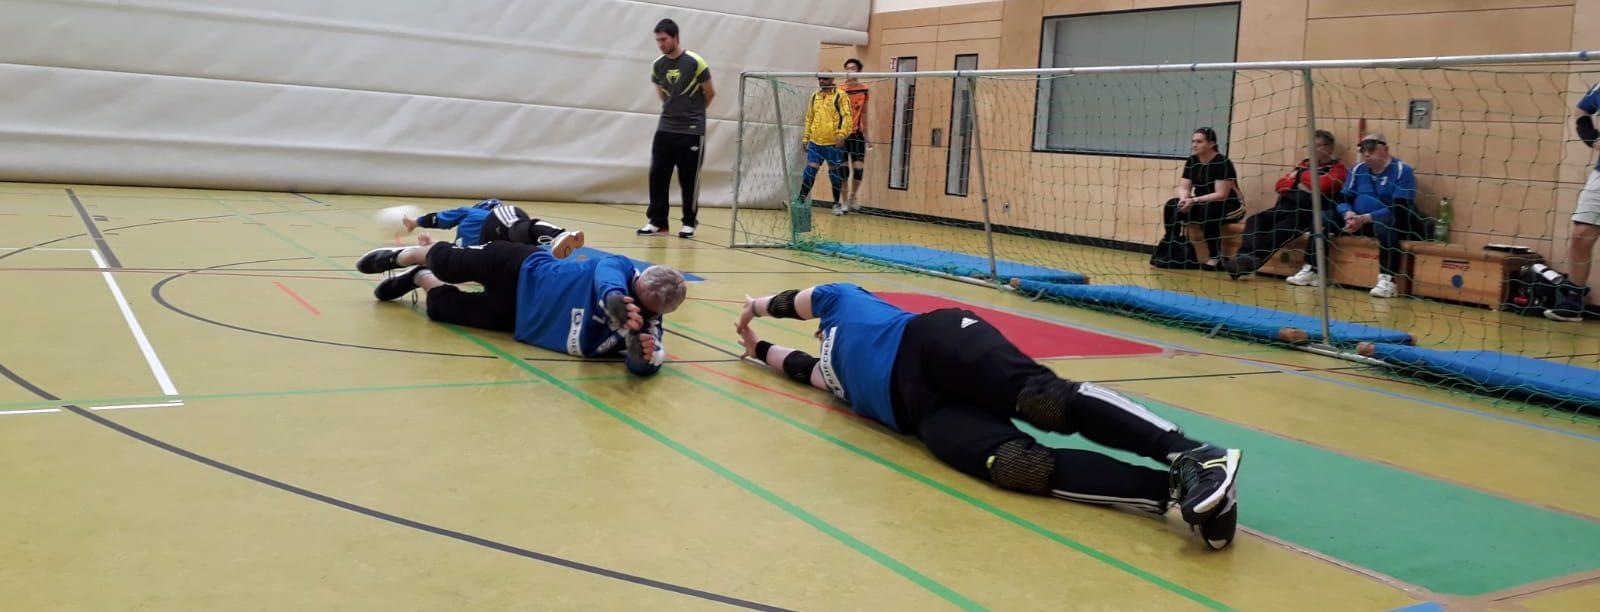 SV Hoffeld 1 bei der Abwehr